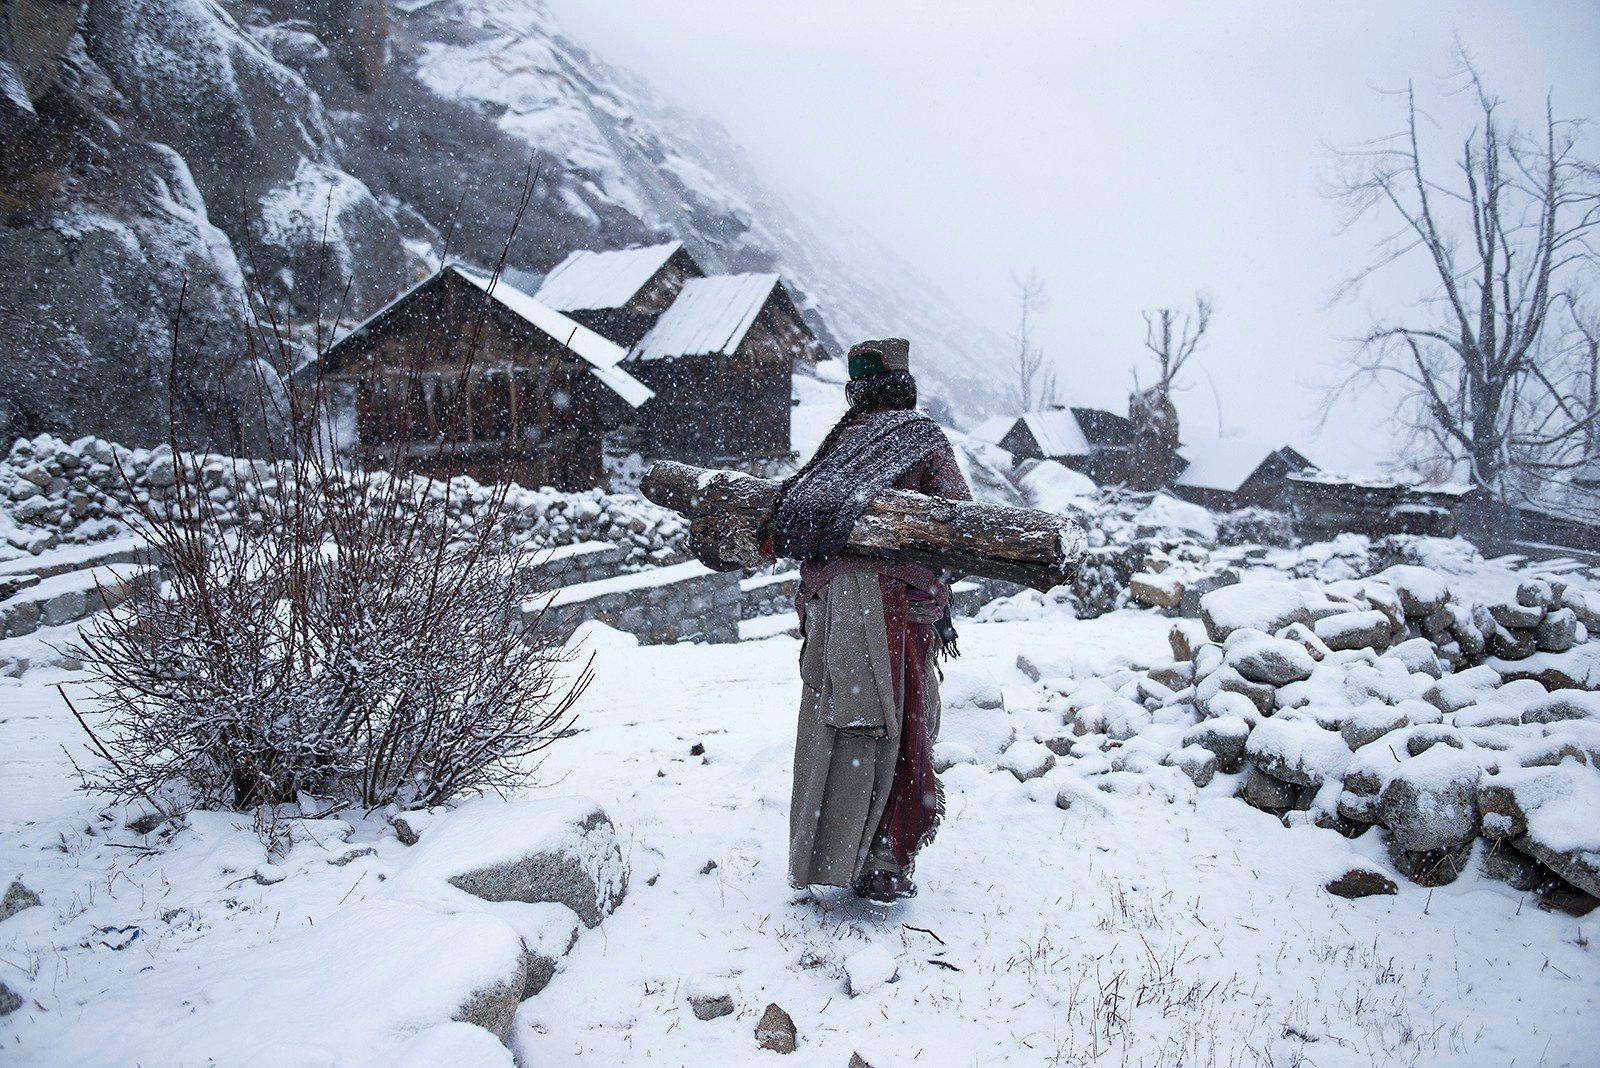 Τρίτη θέση, άνθρωποι: Απομακρυσμένη ζωή στους -21F. Ηλικιωμένη γυναίκα από τη φυλή Kinnaura που ζει σε ένα απομακρυσμένο χωριό της ορεινής Ινδίας κουβαλάει ένα μεγάλο κούτσουρο πίσω στο σπίτι της για να ζεσταθεί. Photograph: Mattia Passarini/National Geographic Travel Photographer of the Year Contest